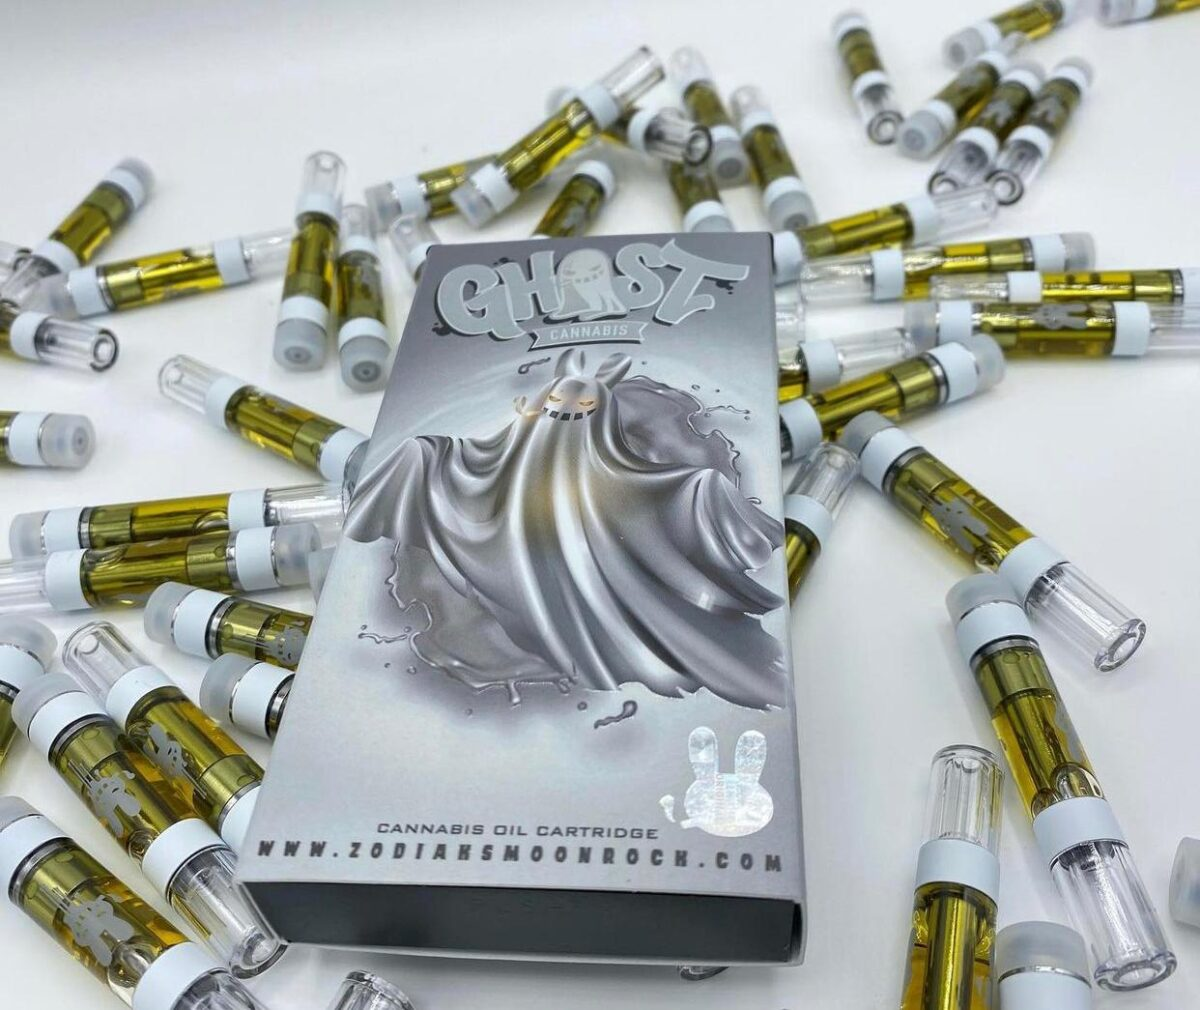 Buy Moonrock Ghost Cartridges Online